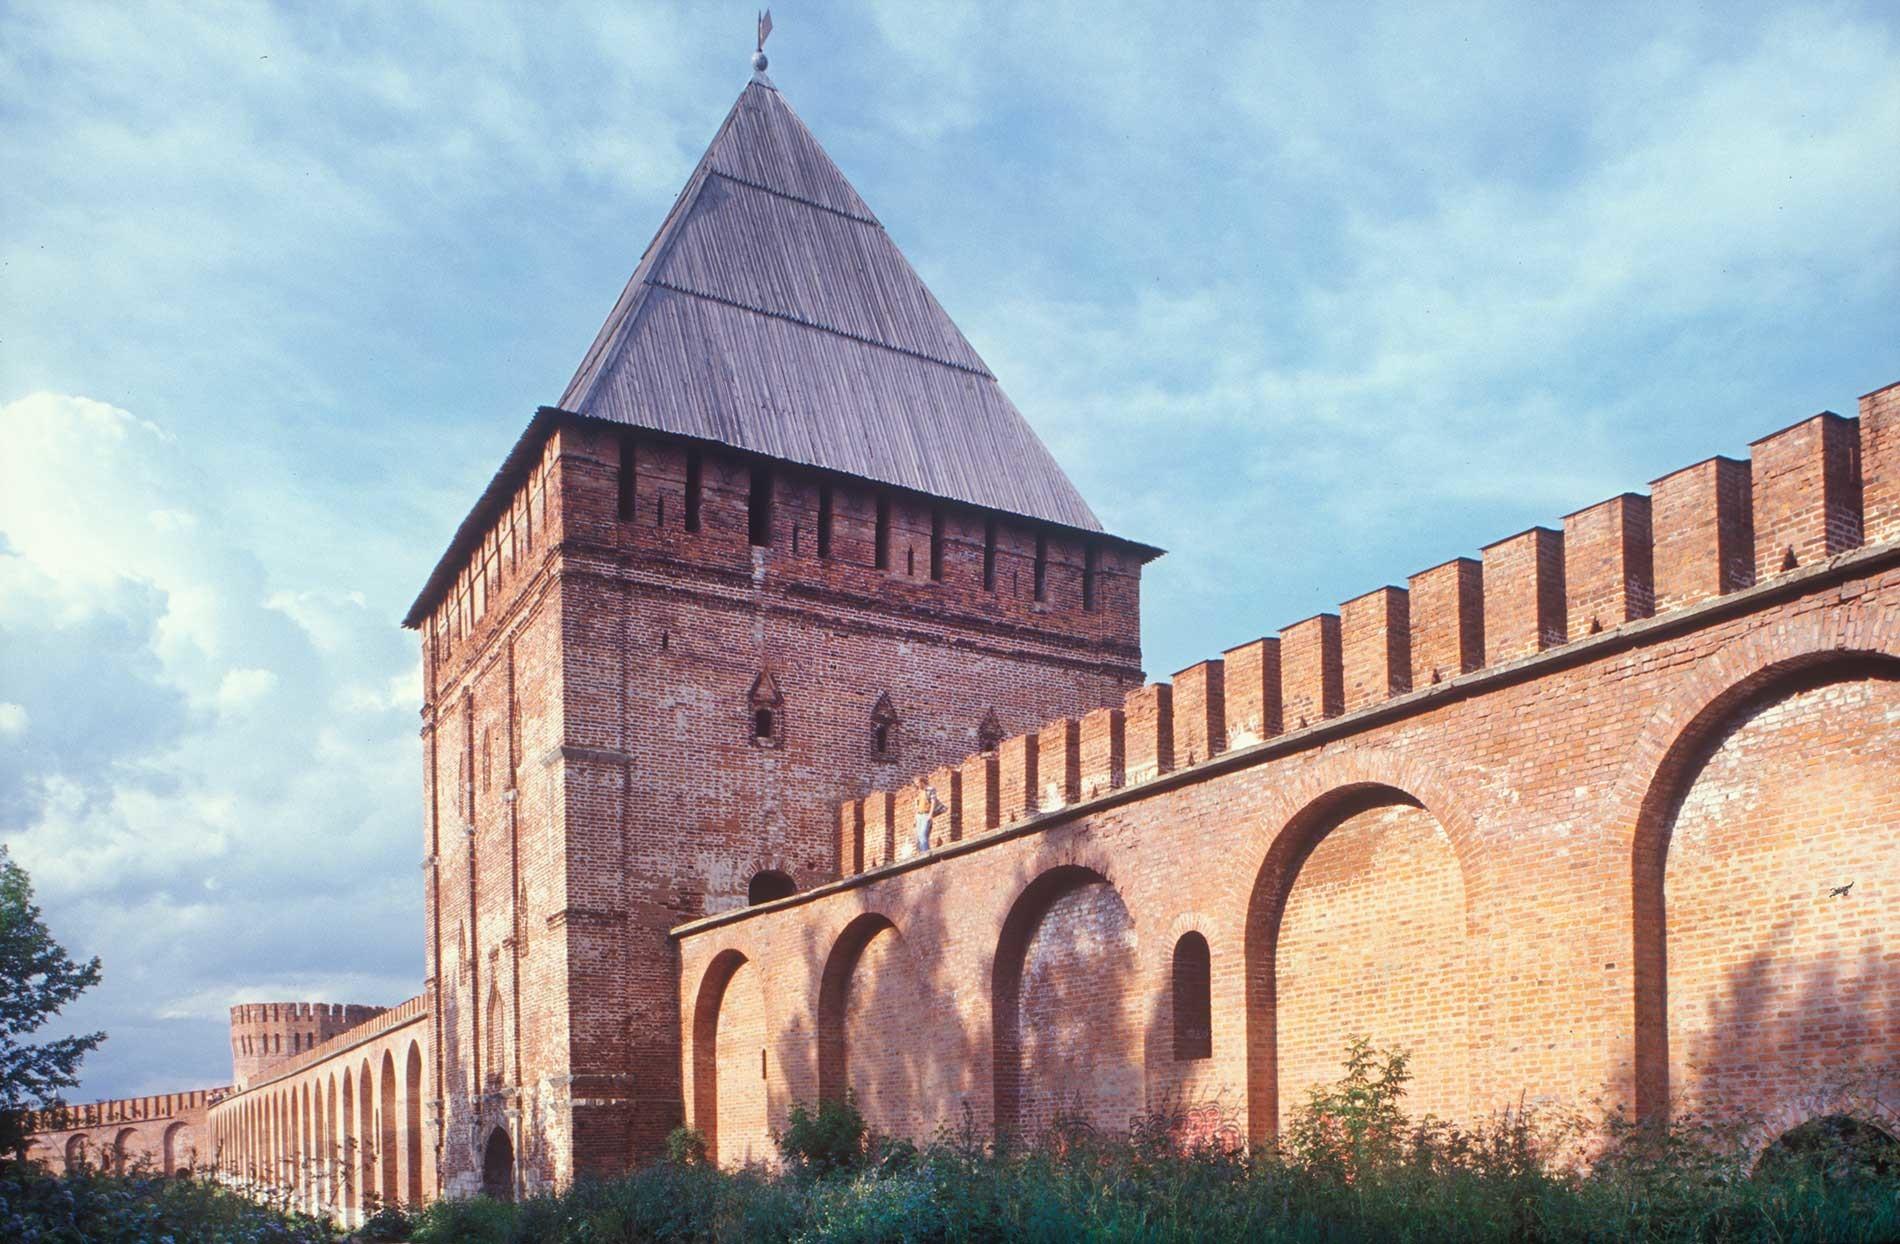 Ciudadela de Smolensk. Muro este de la fortaleza con la Torre Avraami. Fachada oeste. Fondo izquierdo: Torre del Águila (Oriol). 15 de julio de 2006.